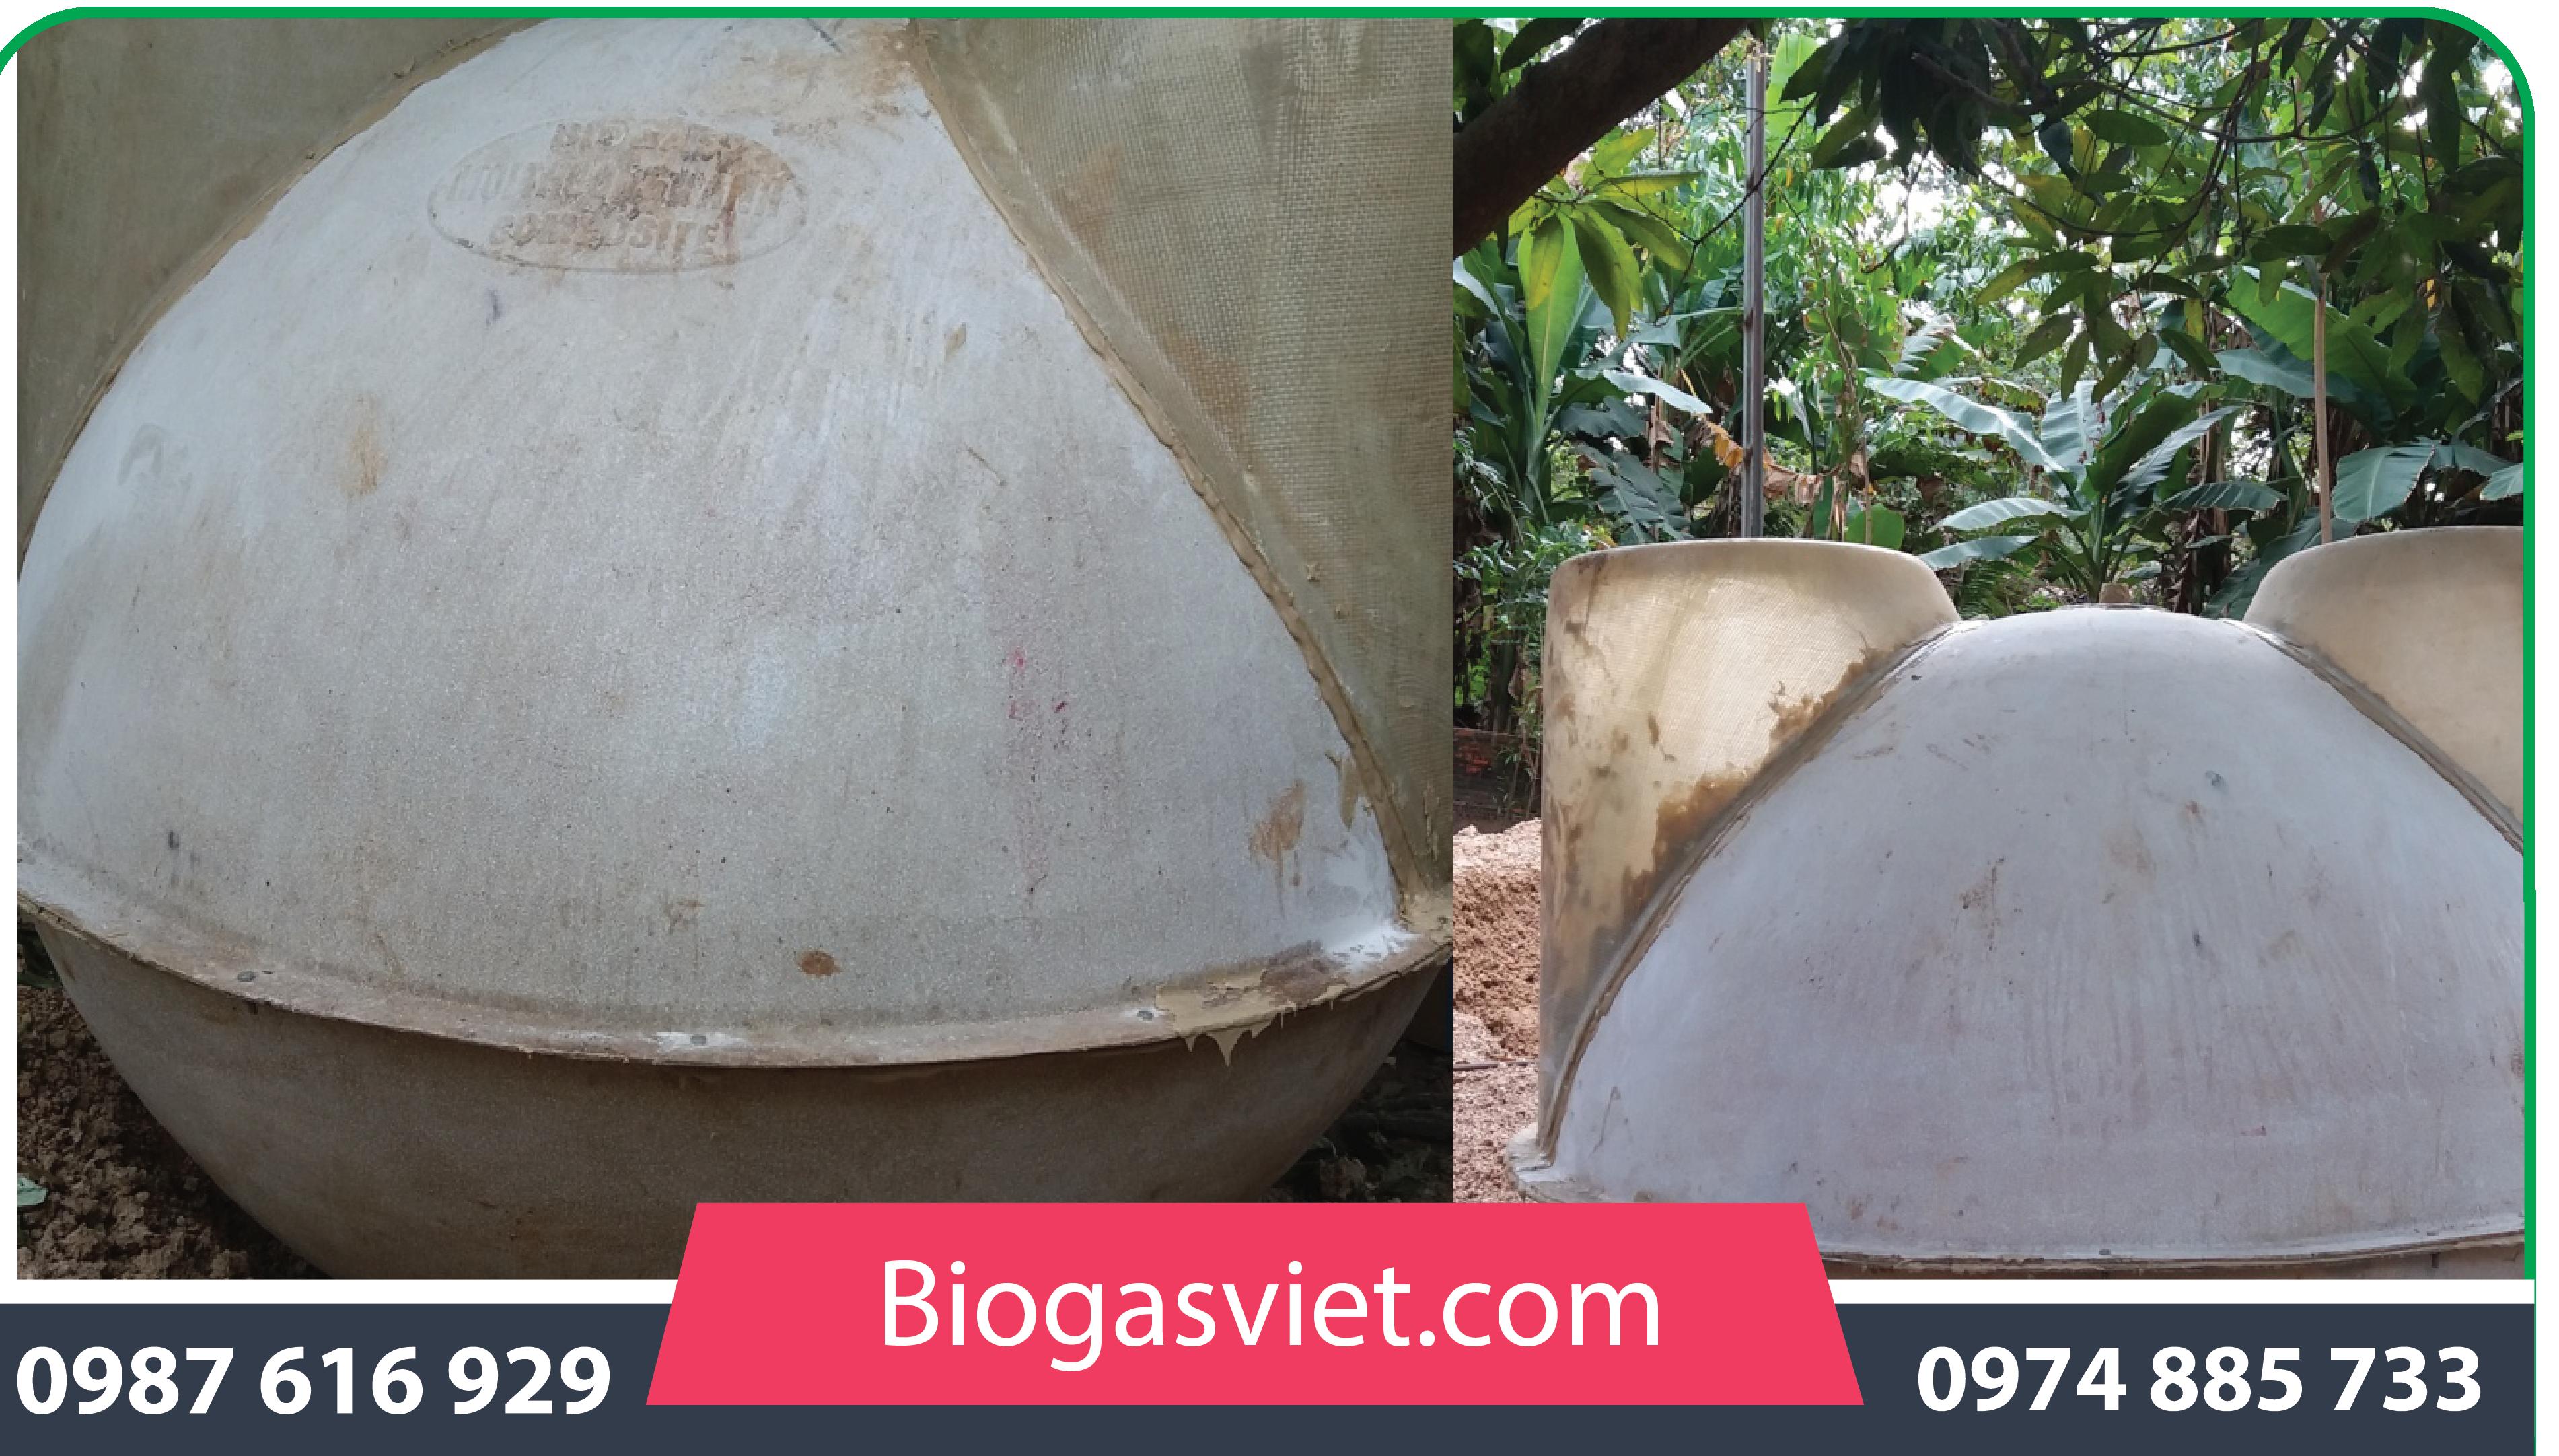 cách lắp đặtbể biogas composite